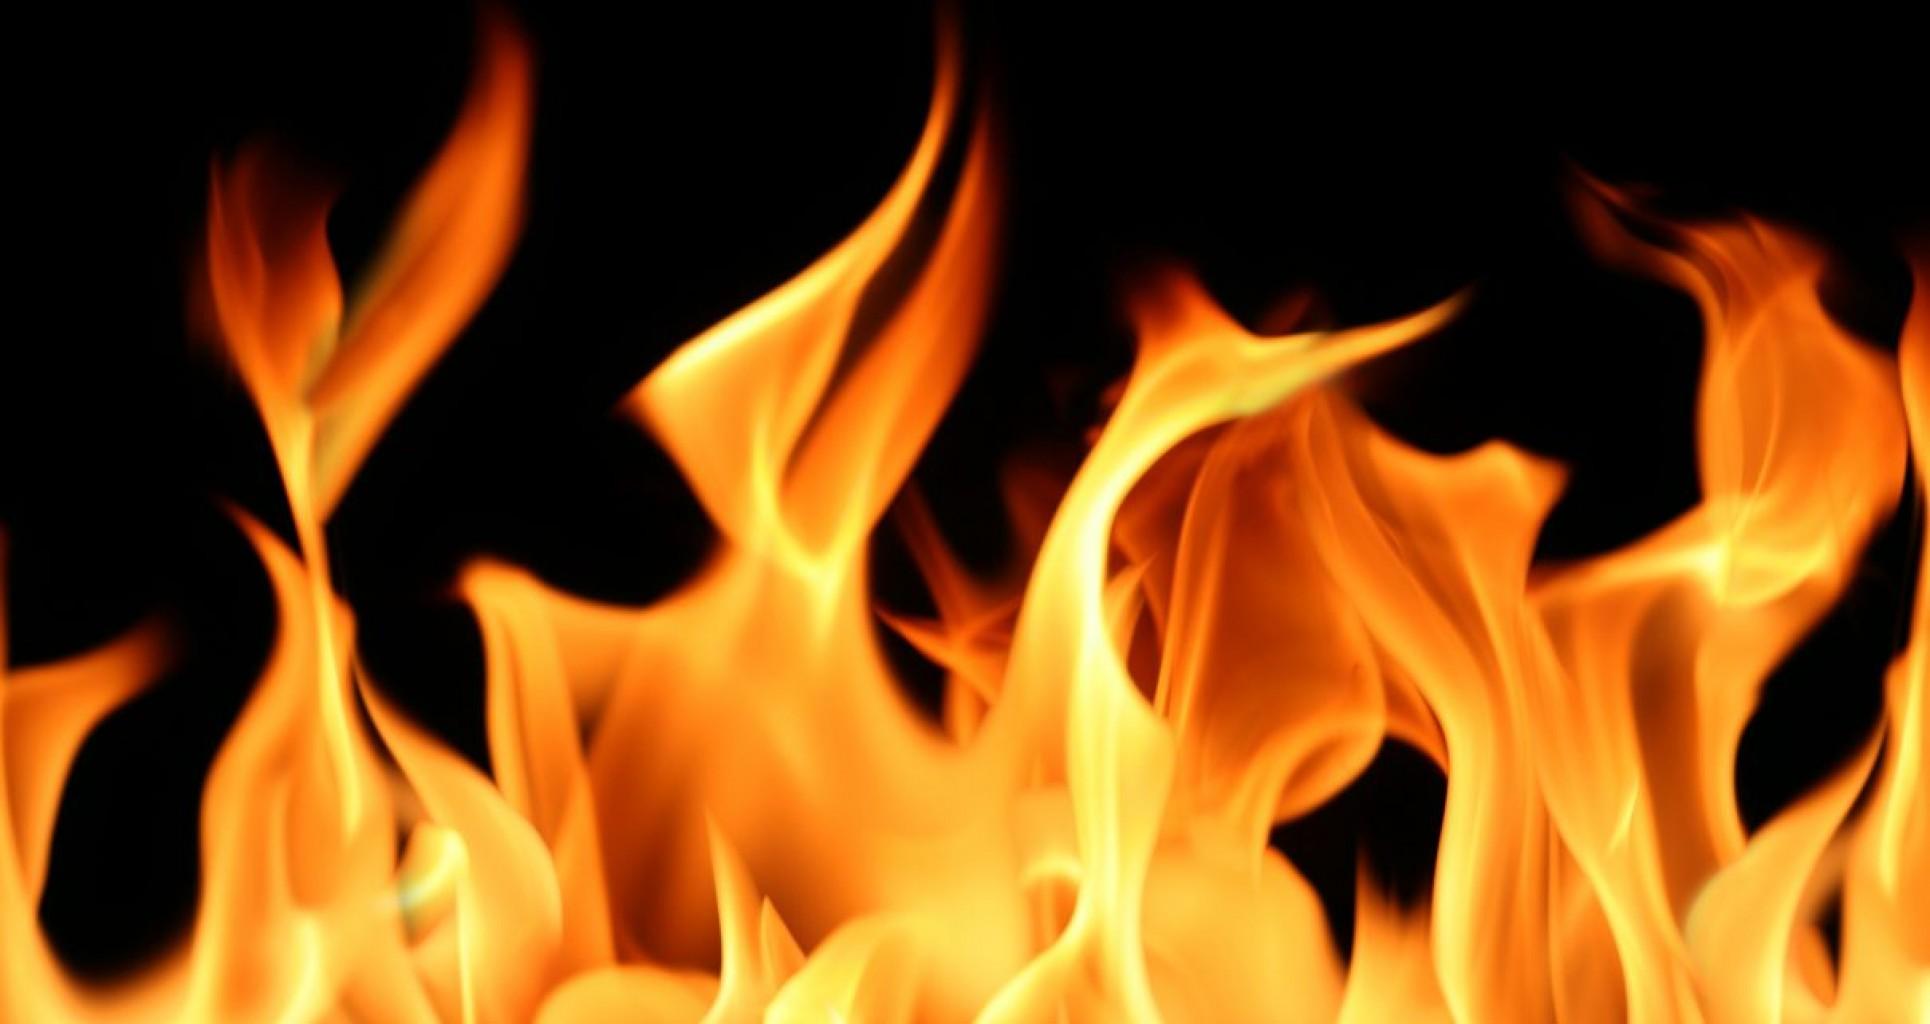 Oklahoma se prepara para el riesgo de Incendio Extremo